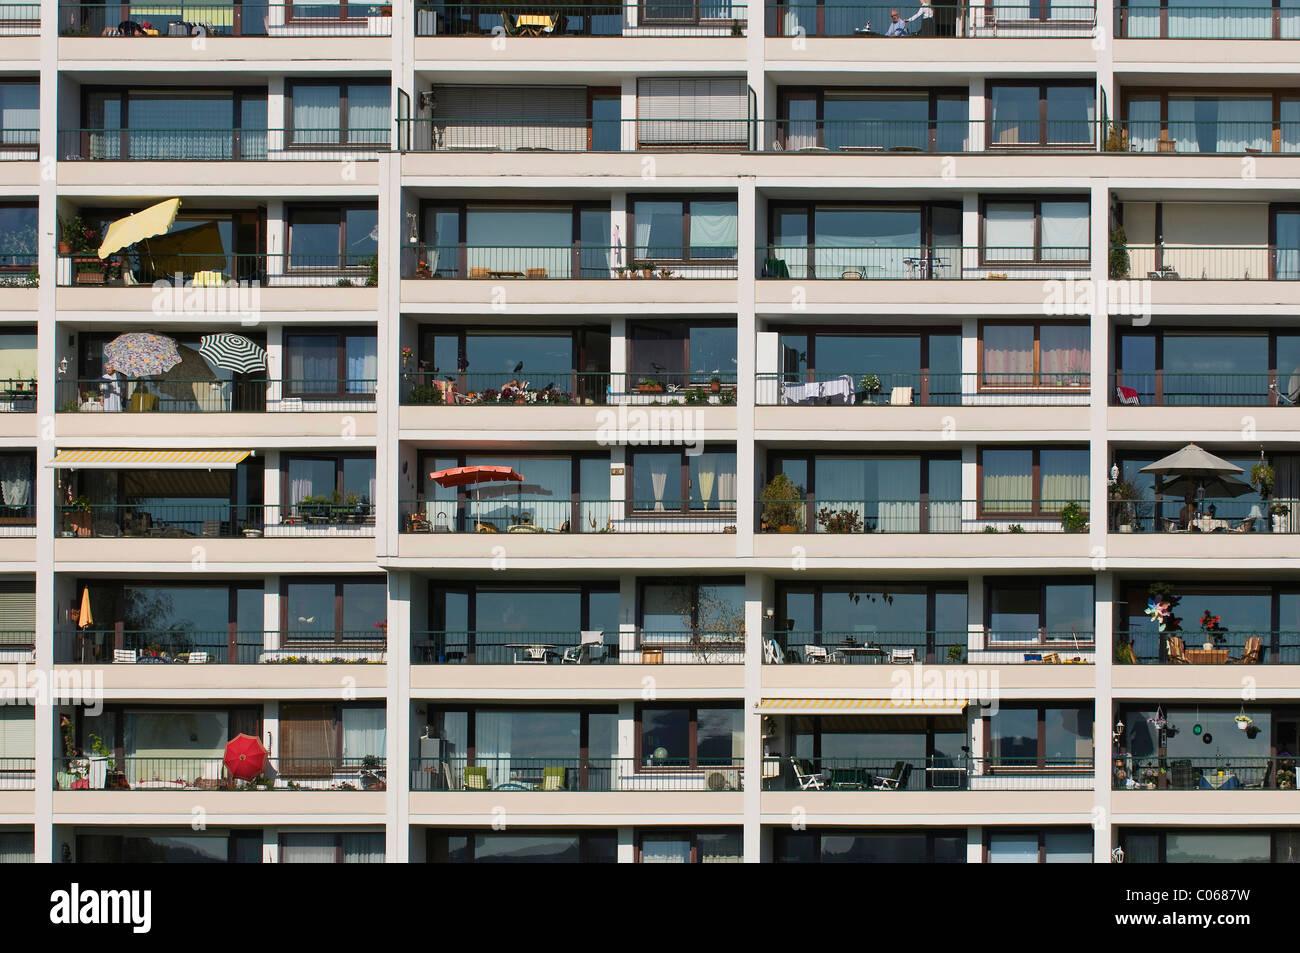 Fachada de la casa, muchos balcones con sombrillas y mobiliario Foto de stock